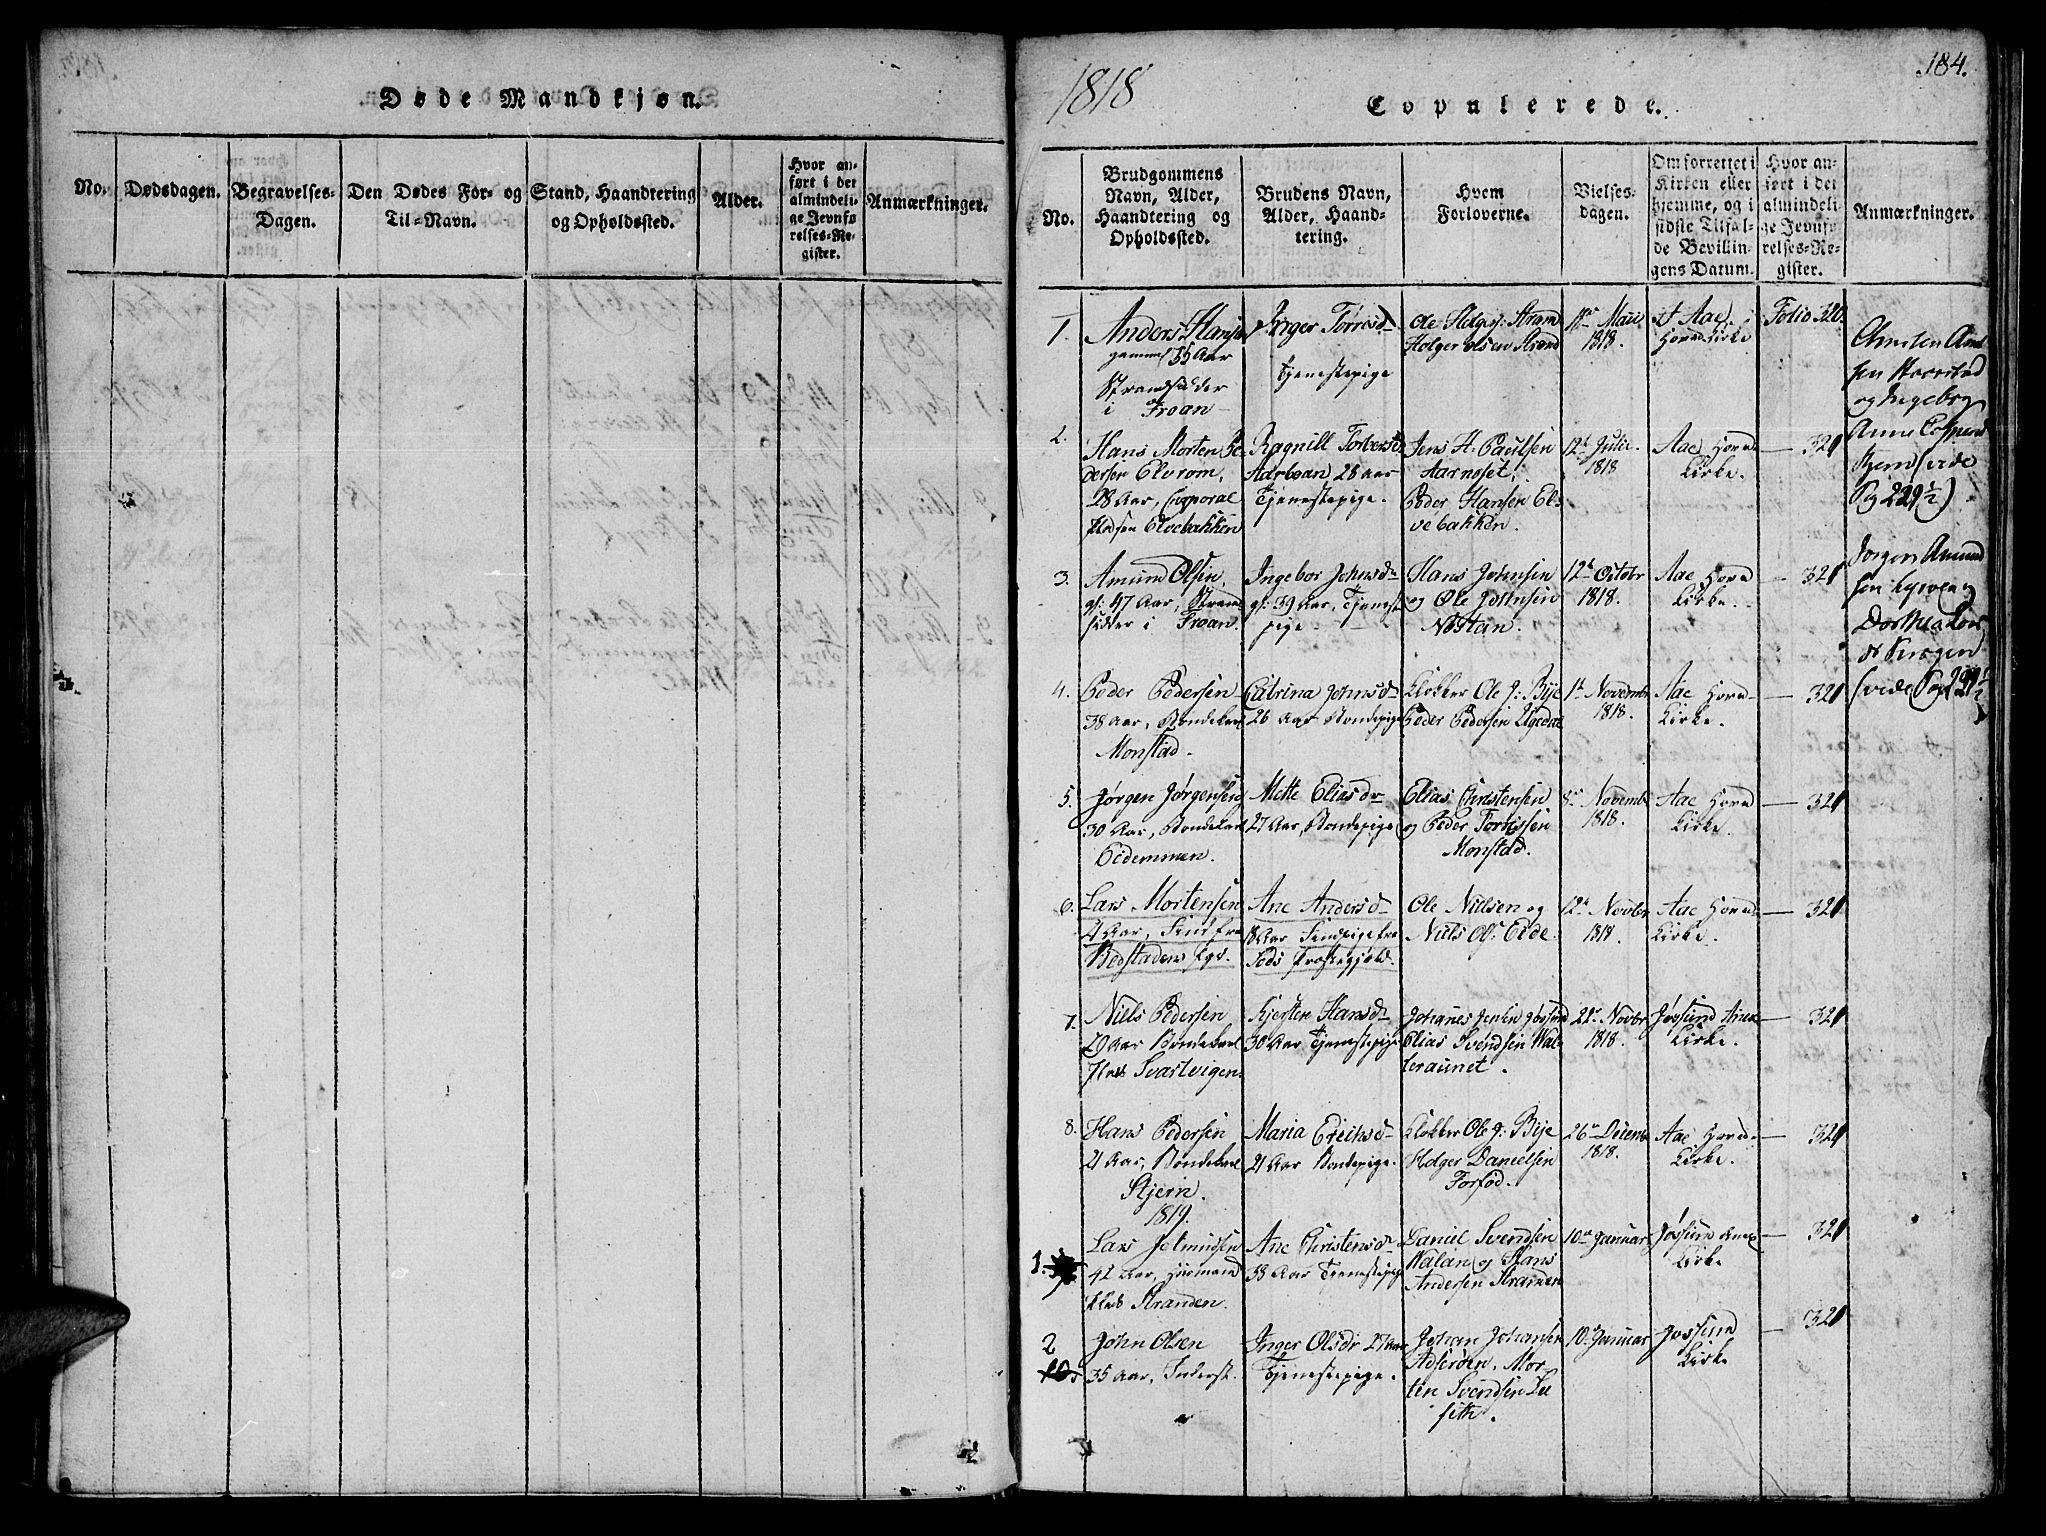 SAT, Ministerialprotokoller, klokkerbøker og fødselsregistre - Sør-Trøndelag, 655/L0675: Ministerialbok nr. 655A04, 1818-1830, s. 184